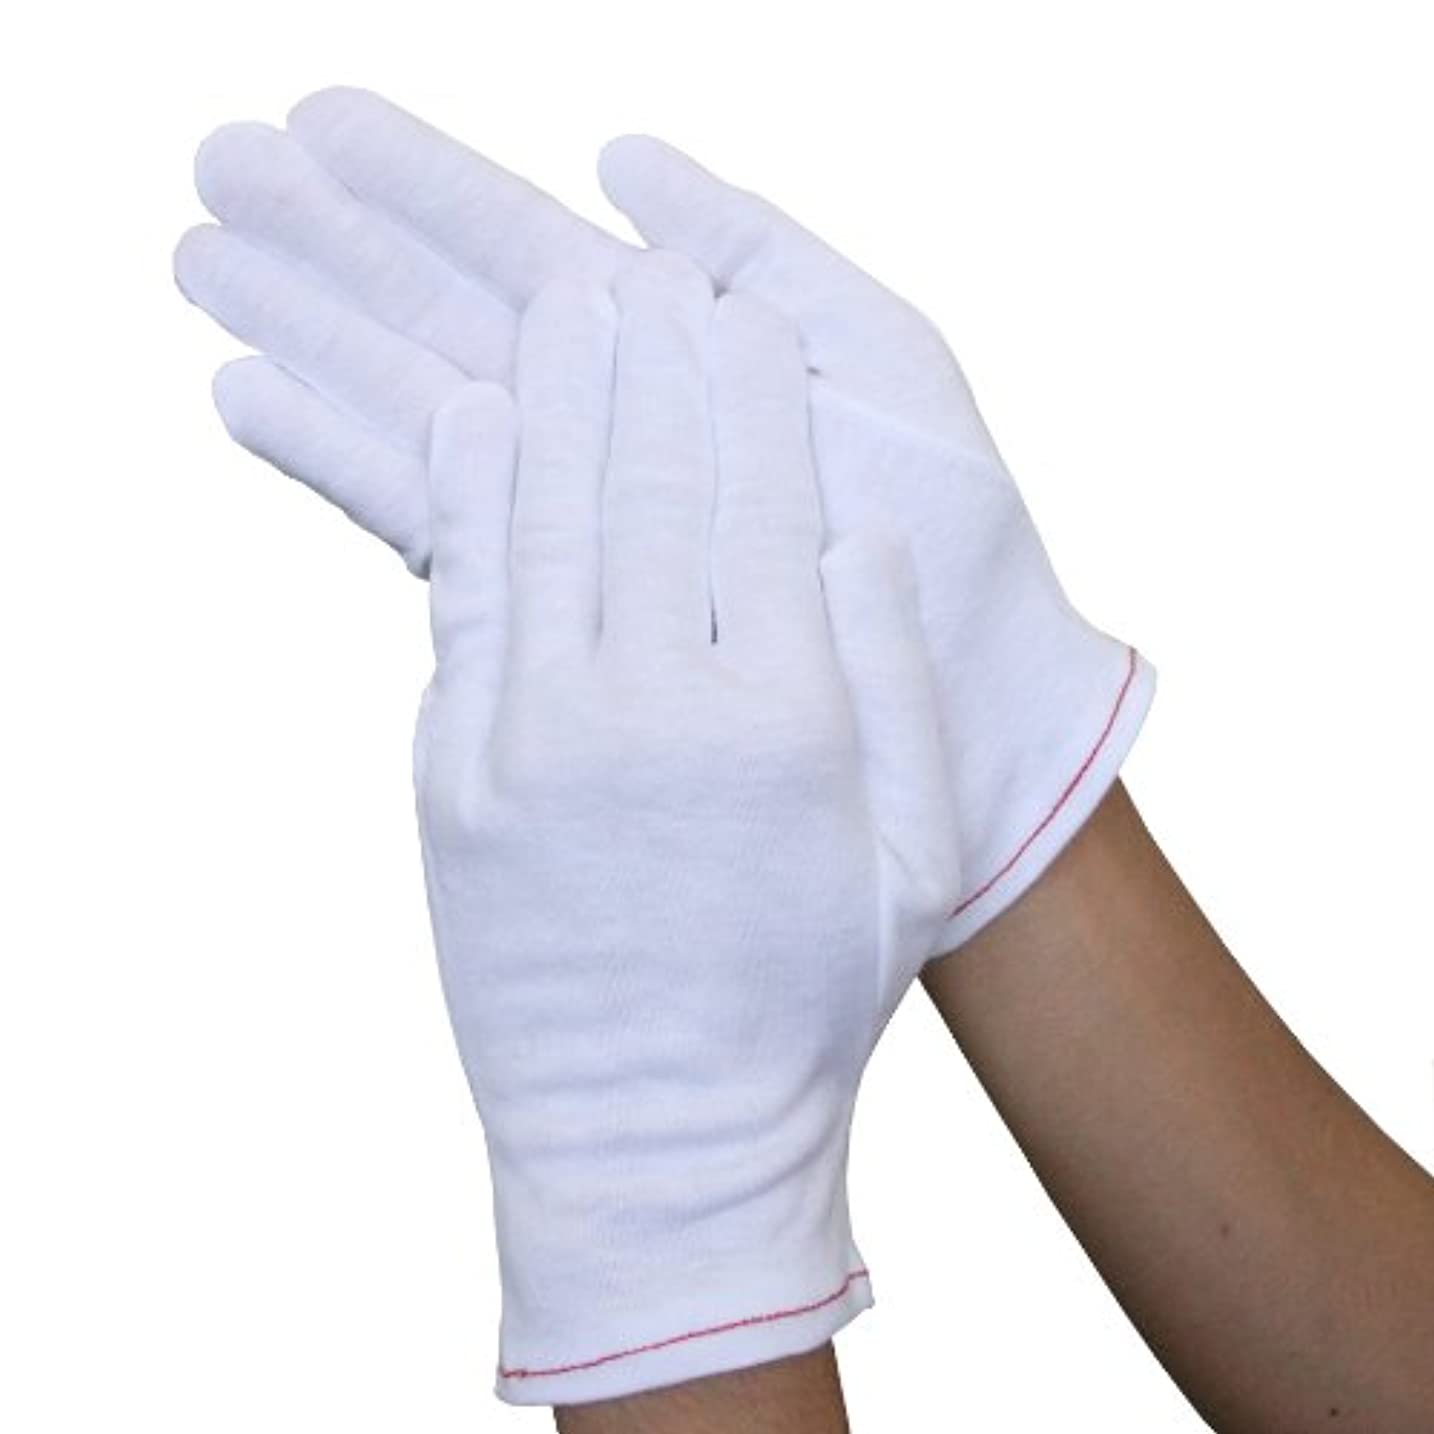 ミリメートルヒューズ歯科医ウインセス 【心地よい肌触り/おやすみ手袋】 綿100%手袋 (1双) (LL)